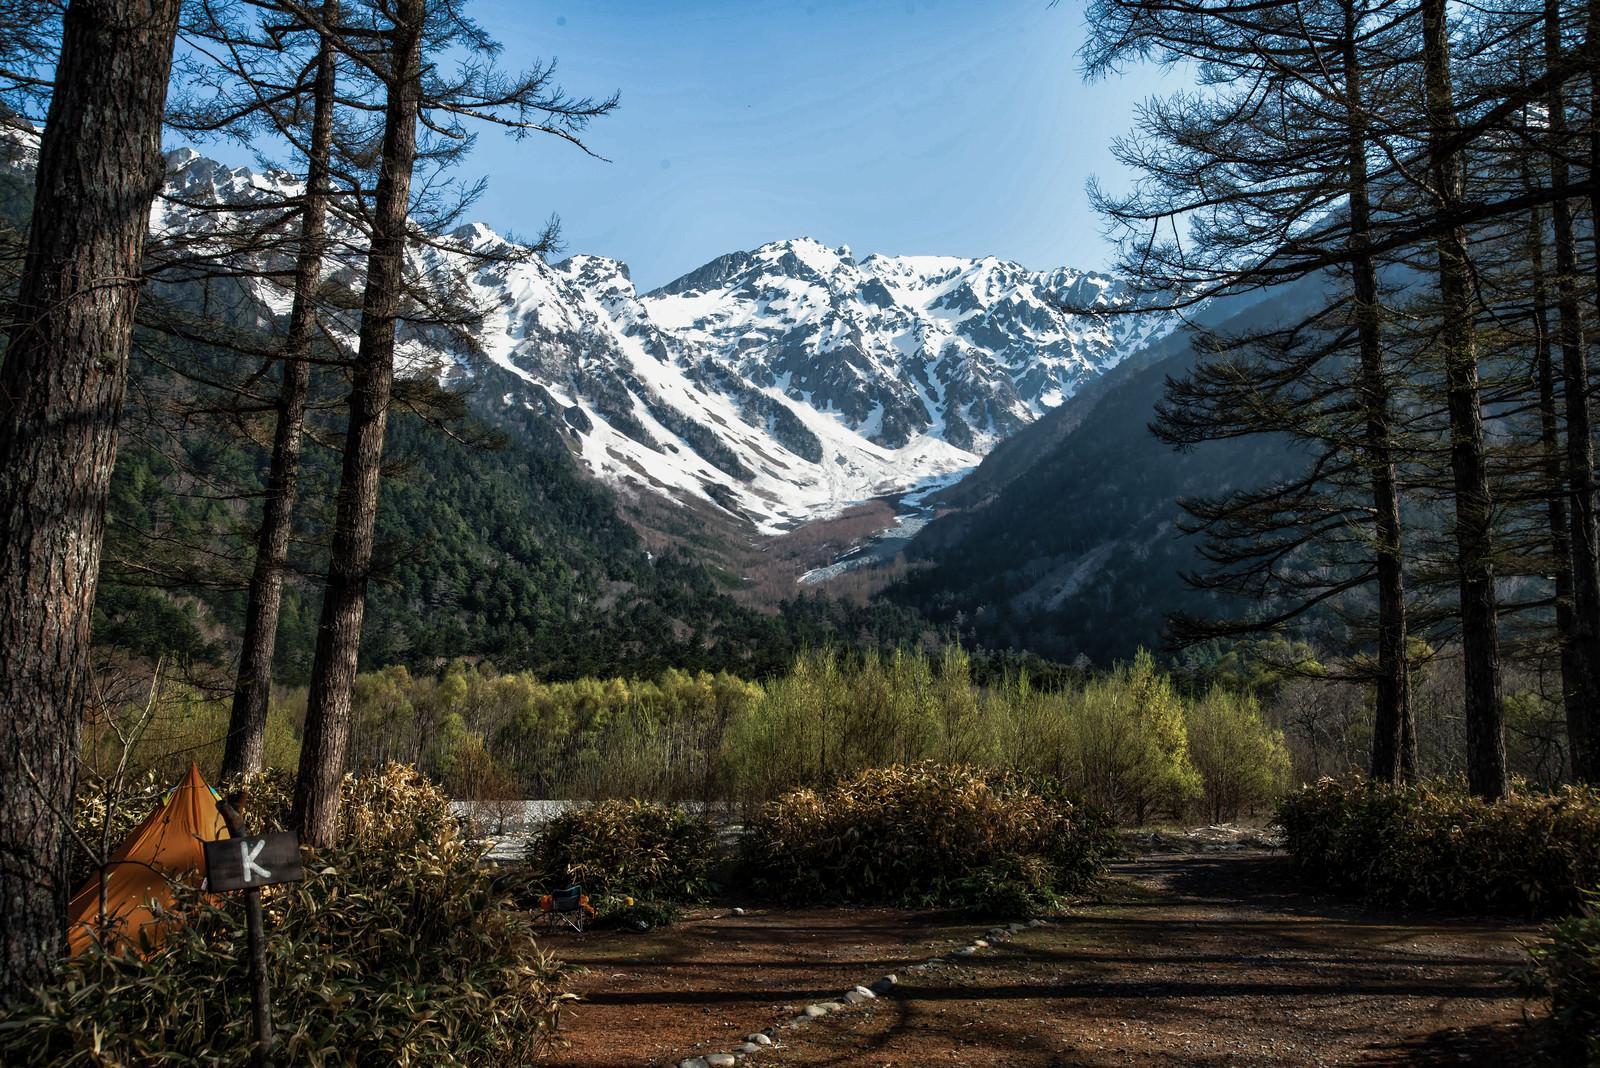 「小梨平キャンプ場から見る雪山」の写真